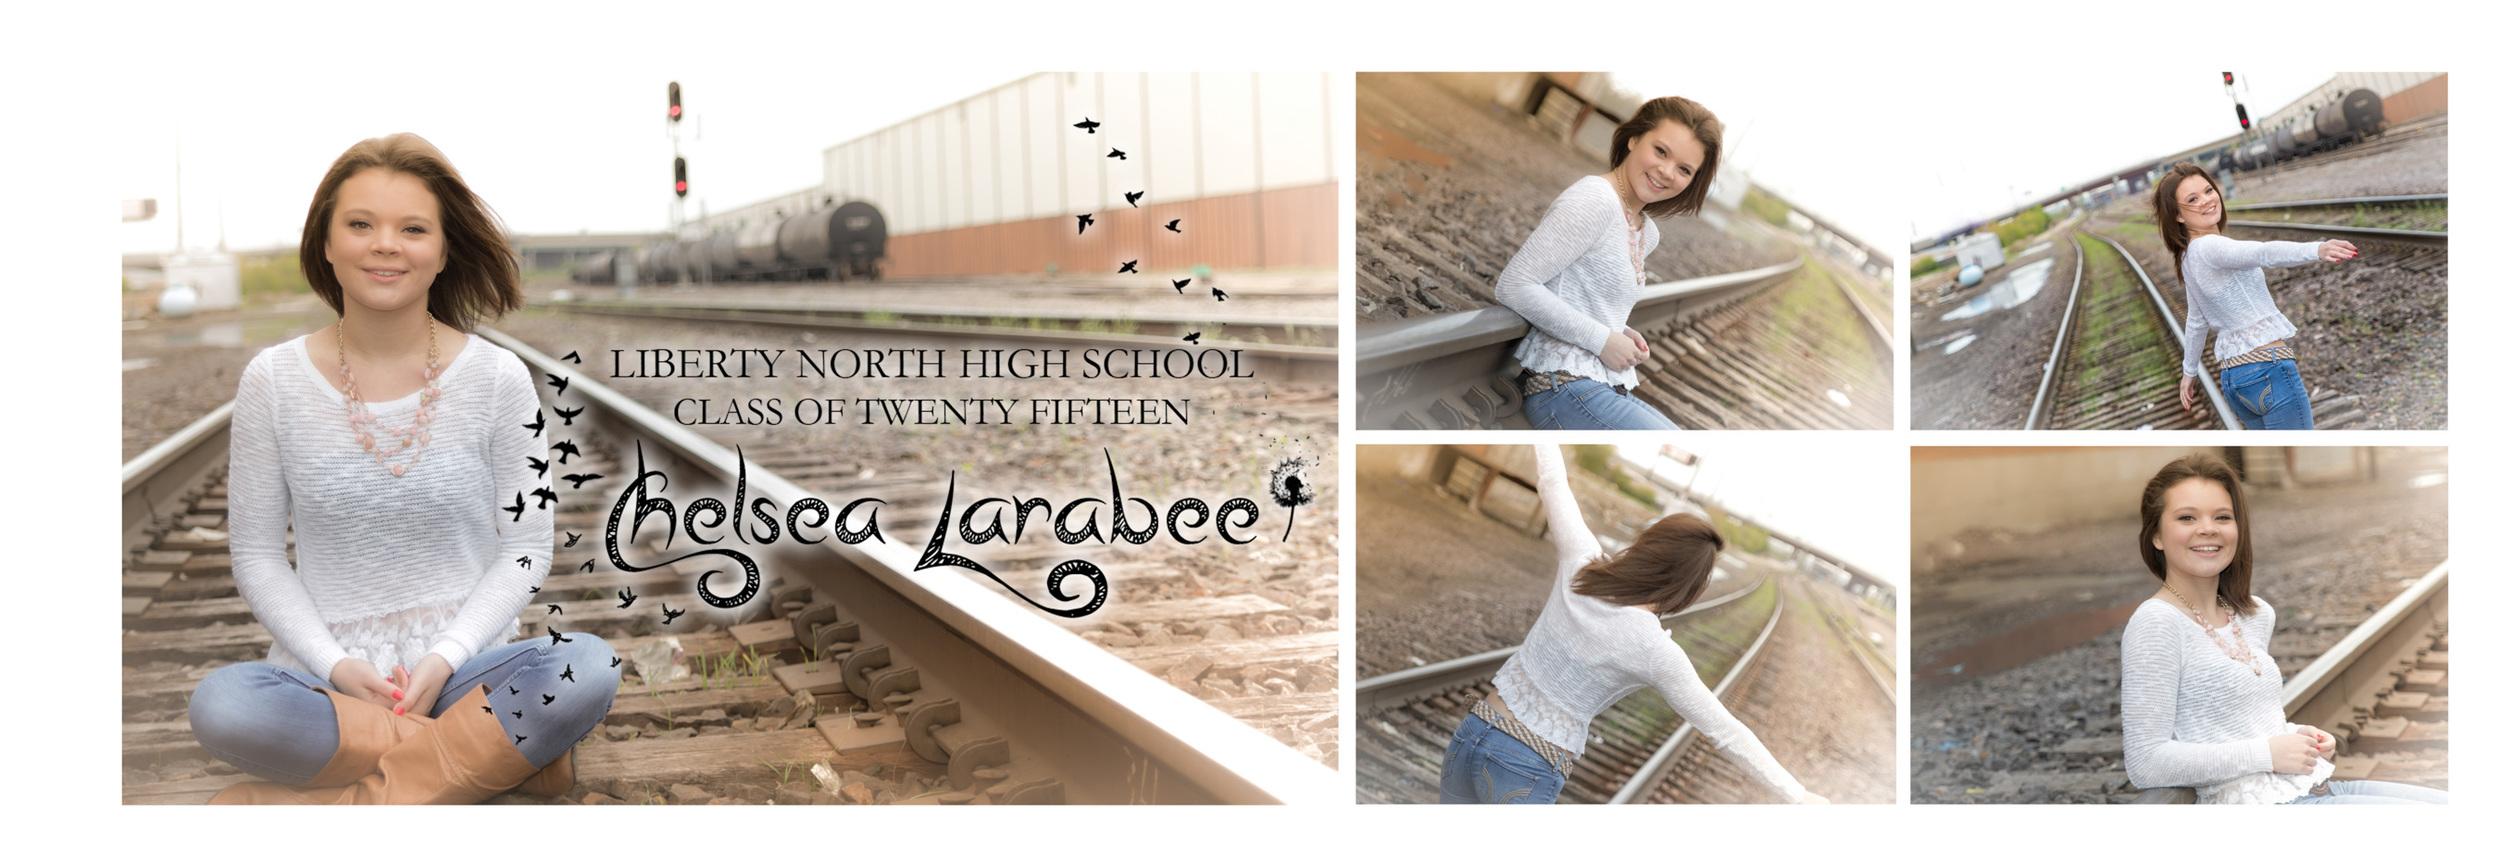 Chelsea Larabee Senior CatsEye Photography 2015 Banner 3.jpg